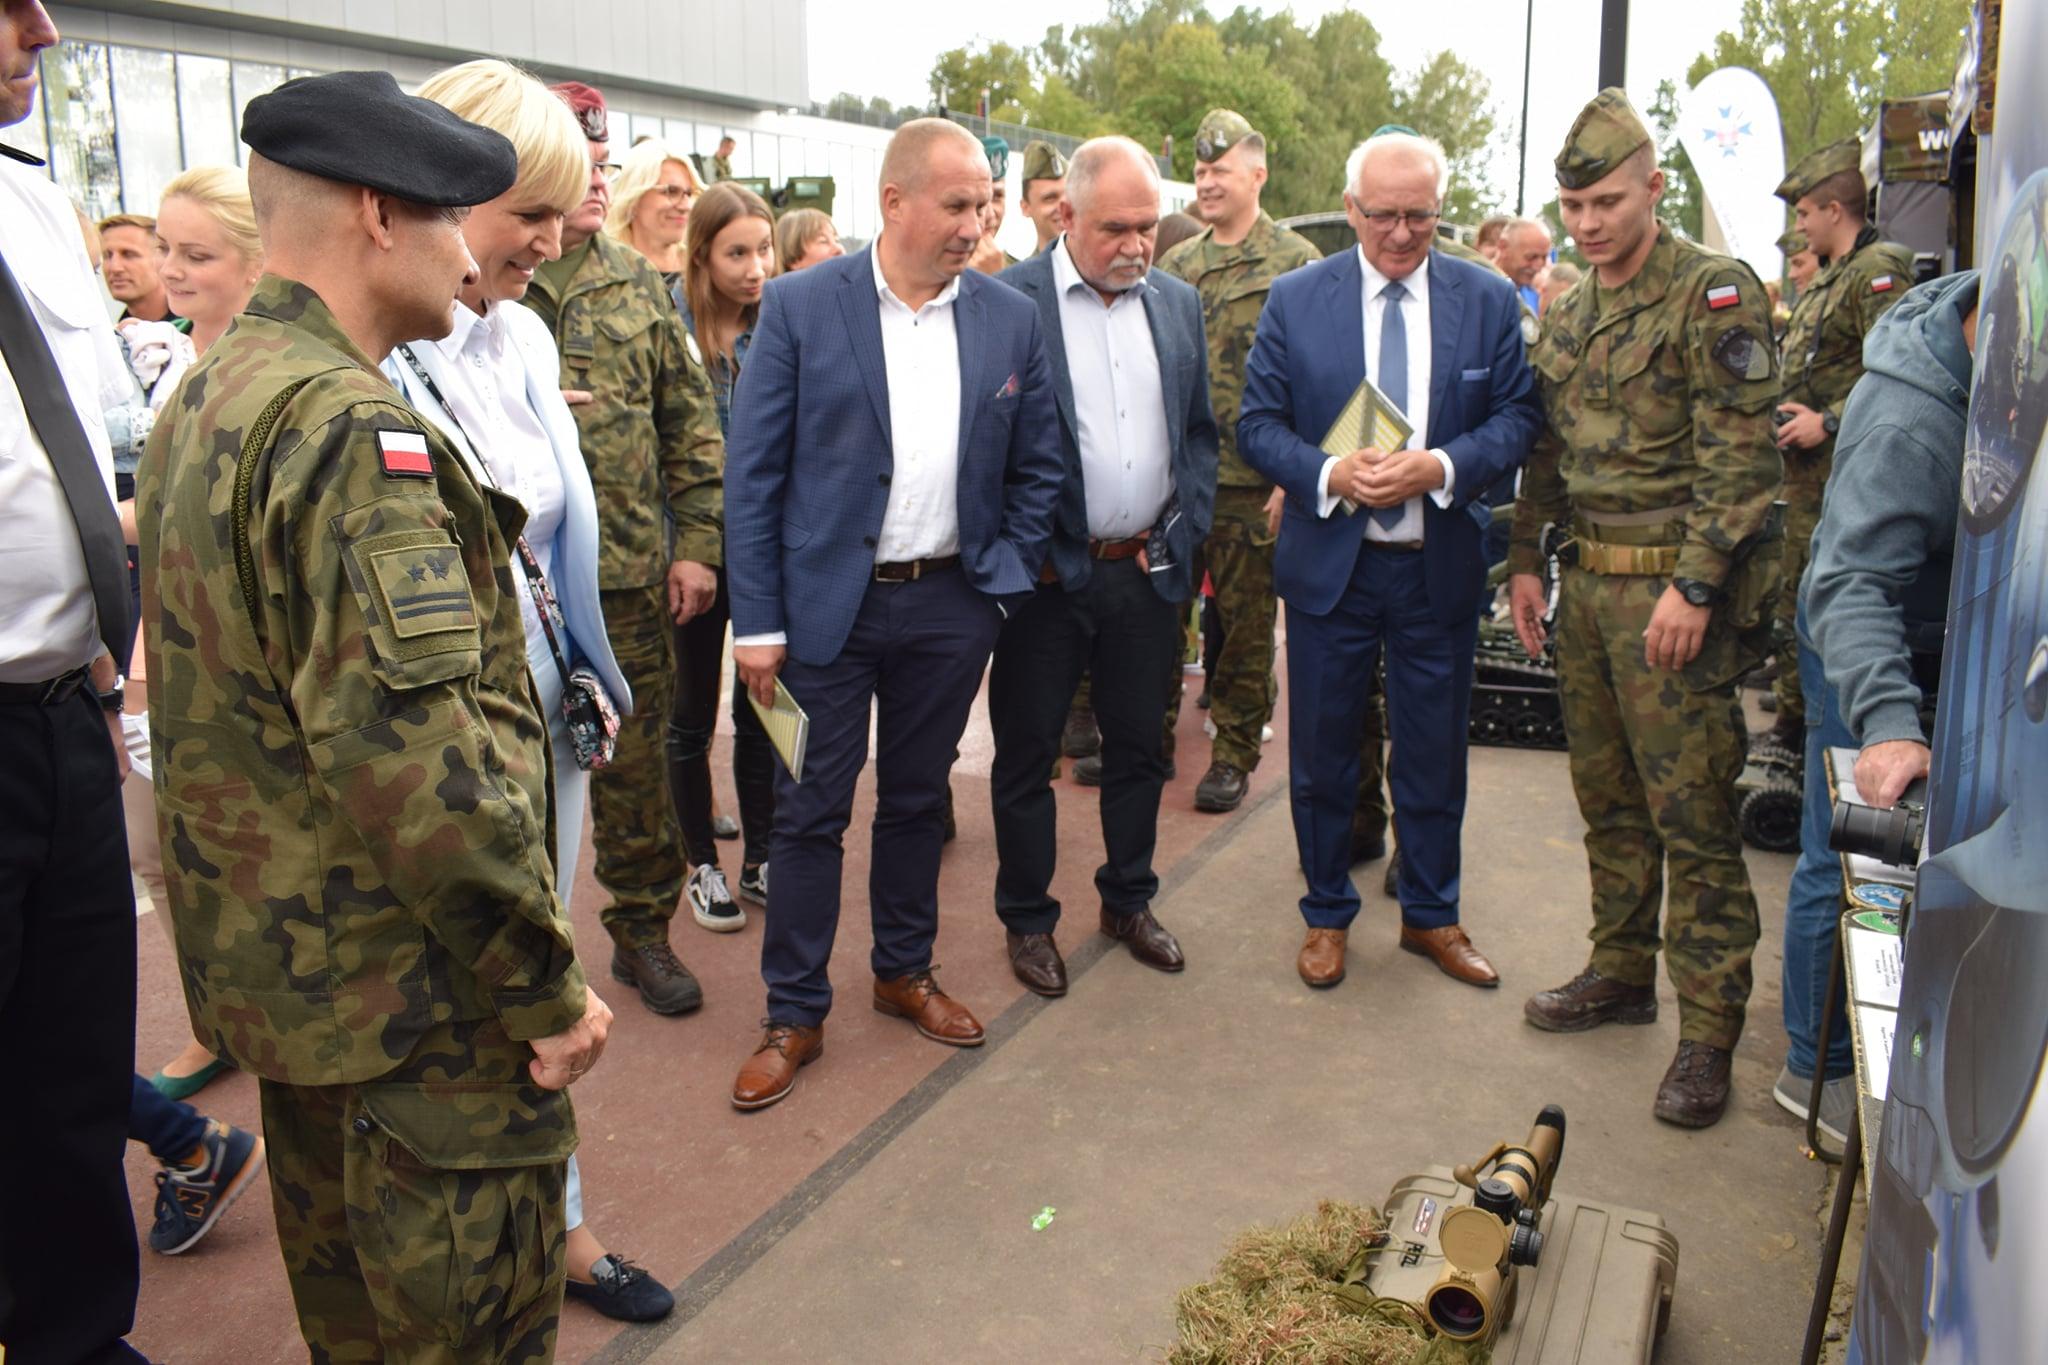 Piknik wojskowy w Krotoszynie [ZDJĘCIA] - Zdjęcie główne